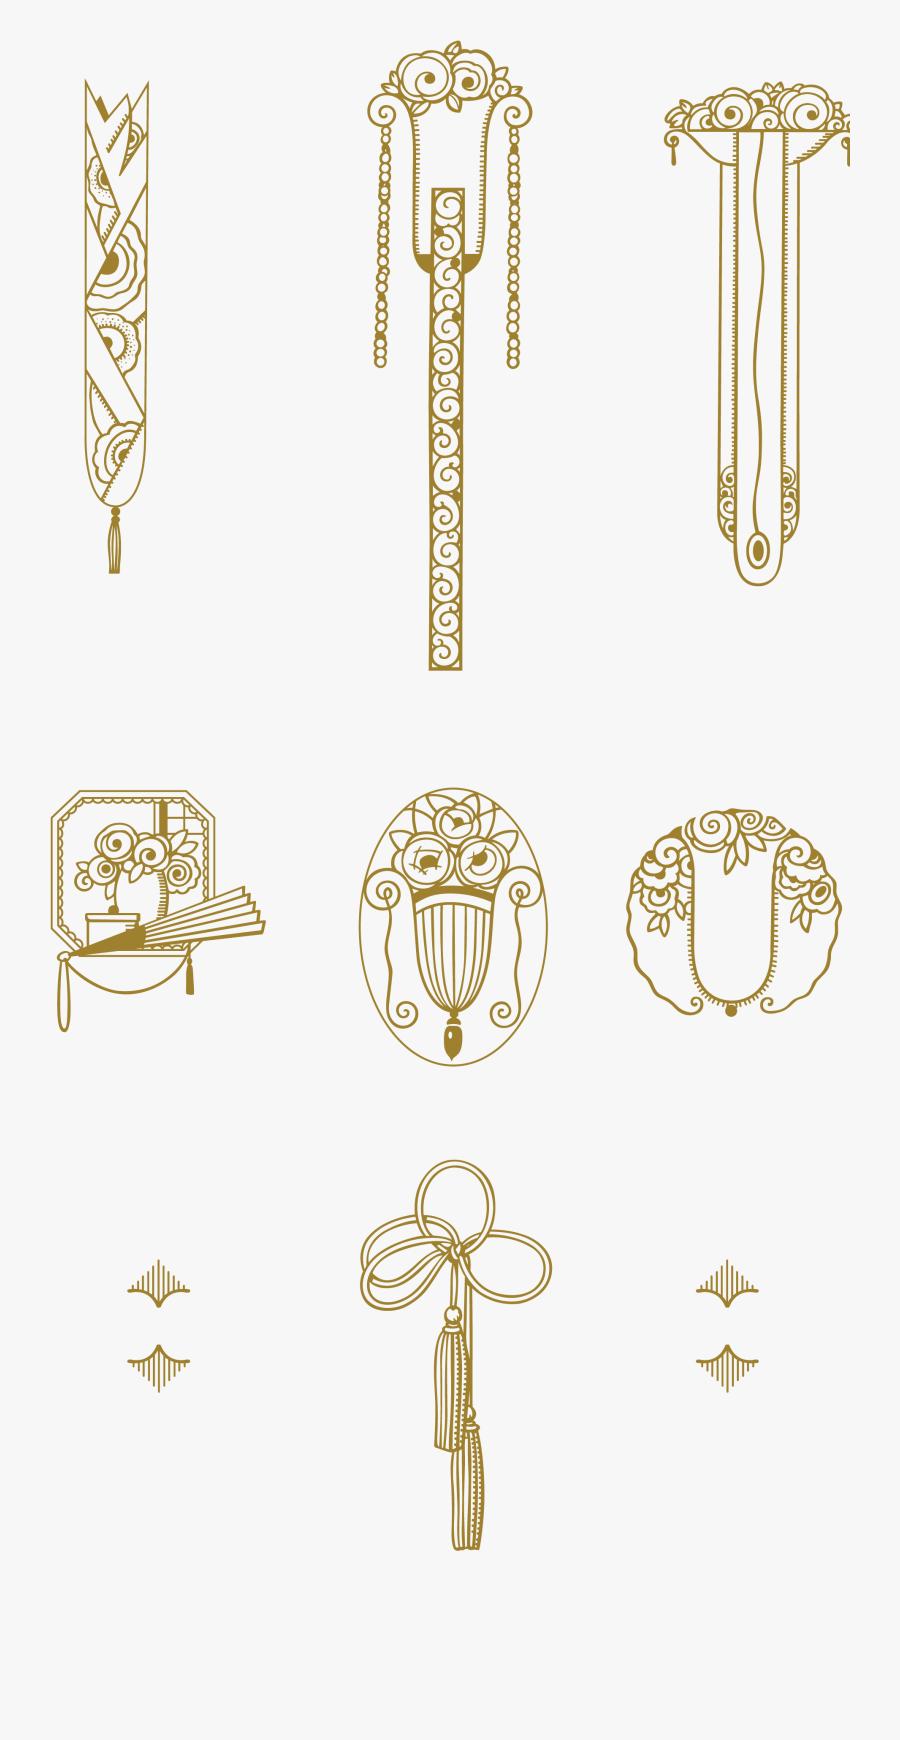 Transparent Art Nouveau Border Png - Art Deco Ornament Png, Transparent Clipart